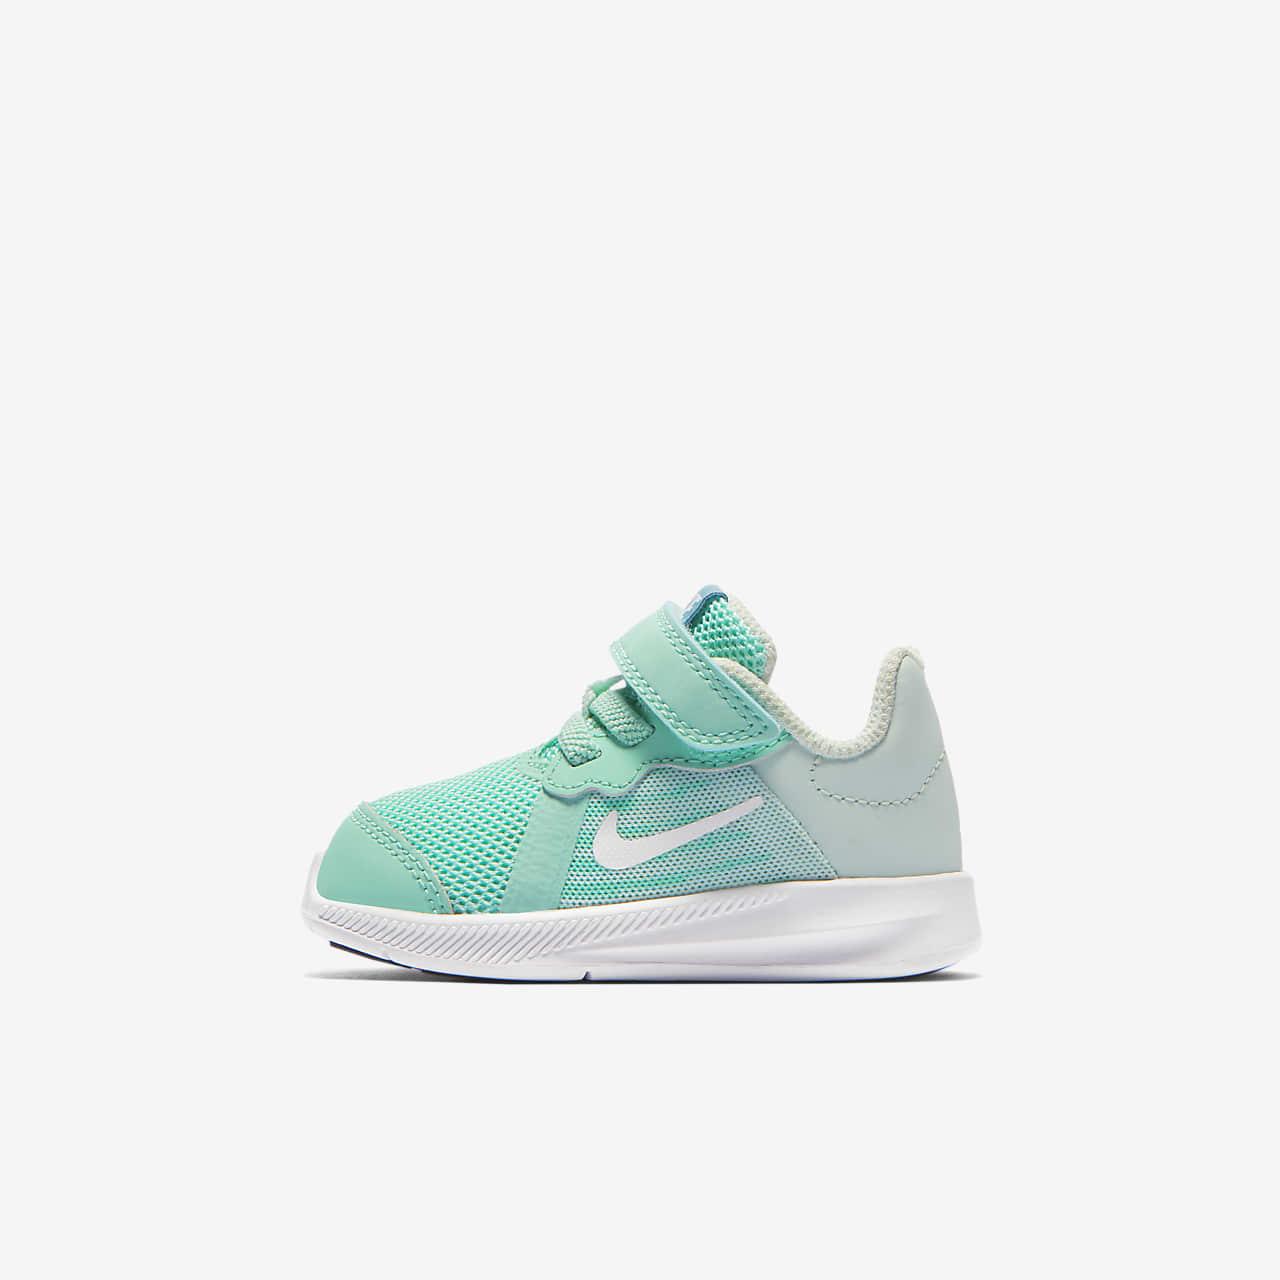 Calzado para bebé e infantil Nike Downshifter 8